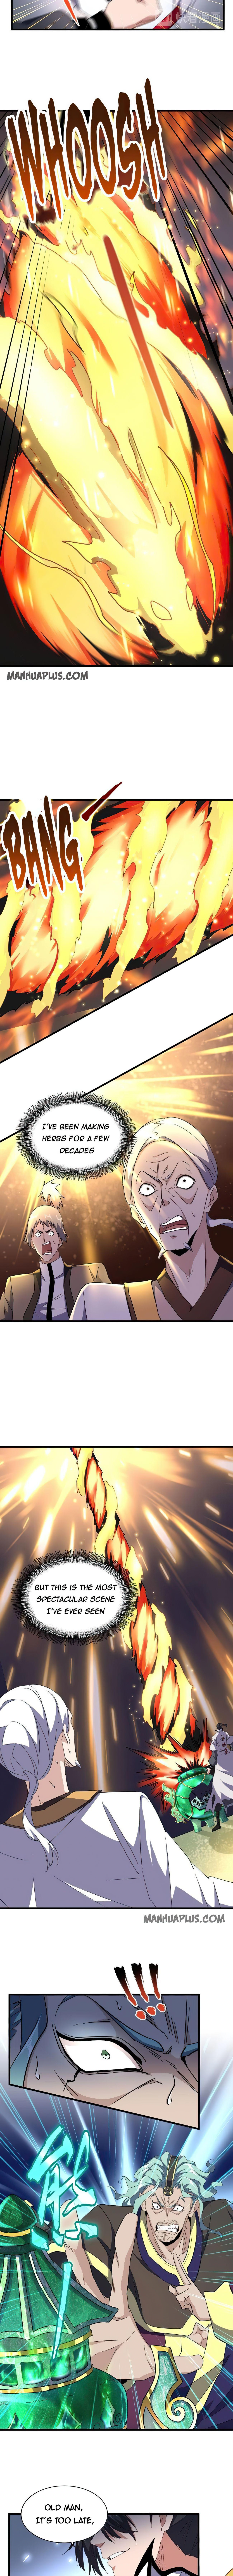 Magic Emperor Chapter 168 page 8 - Mangakakalots.com